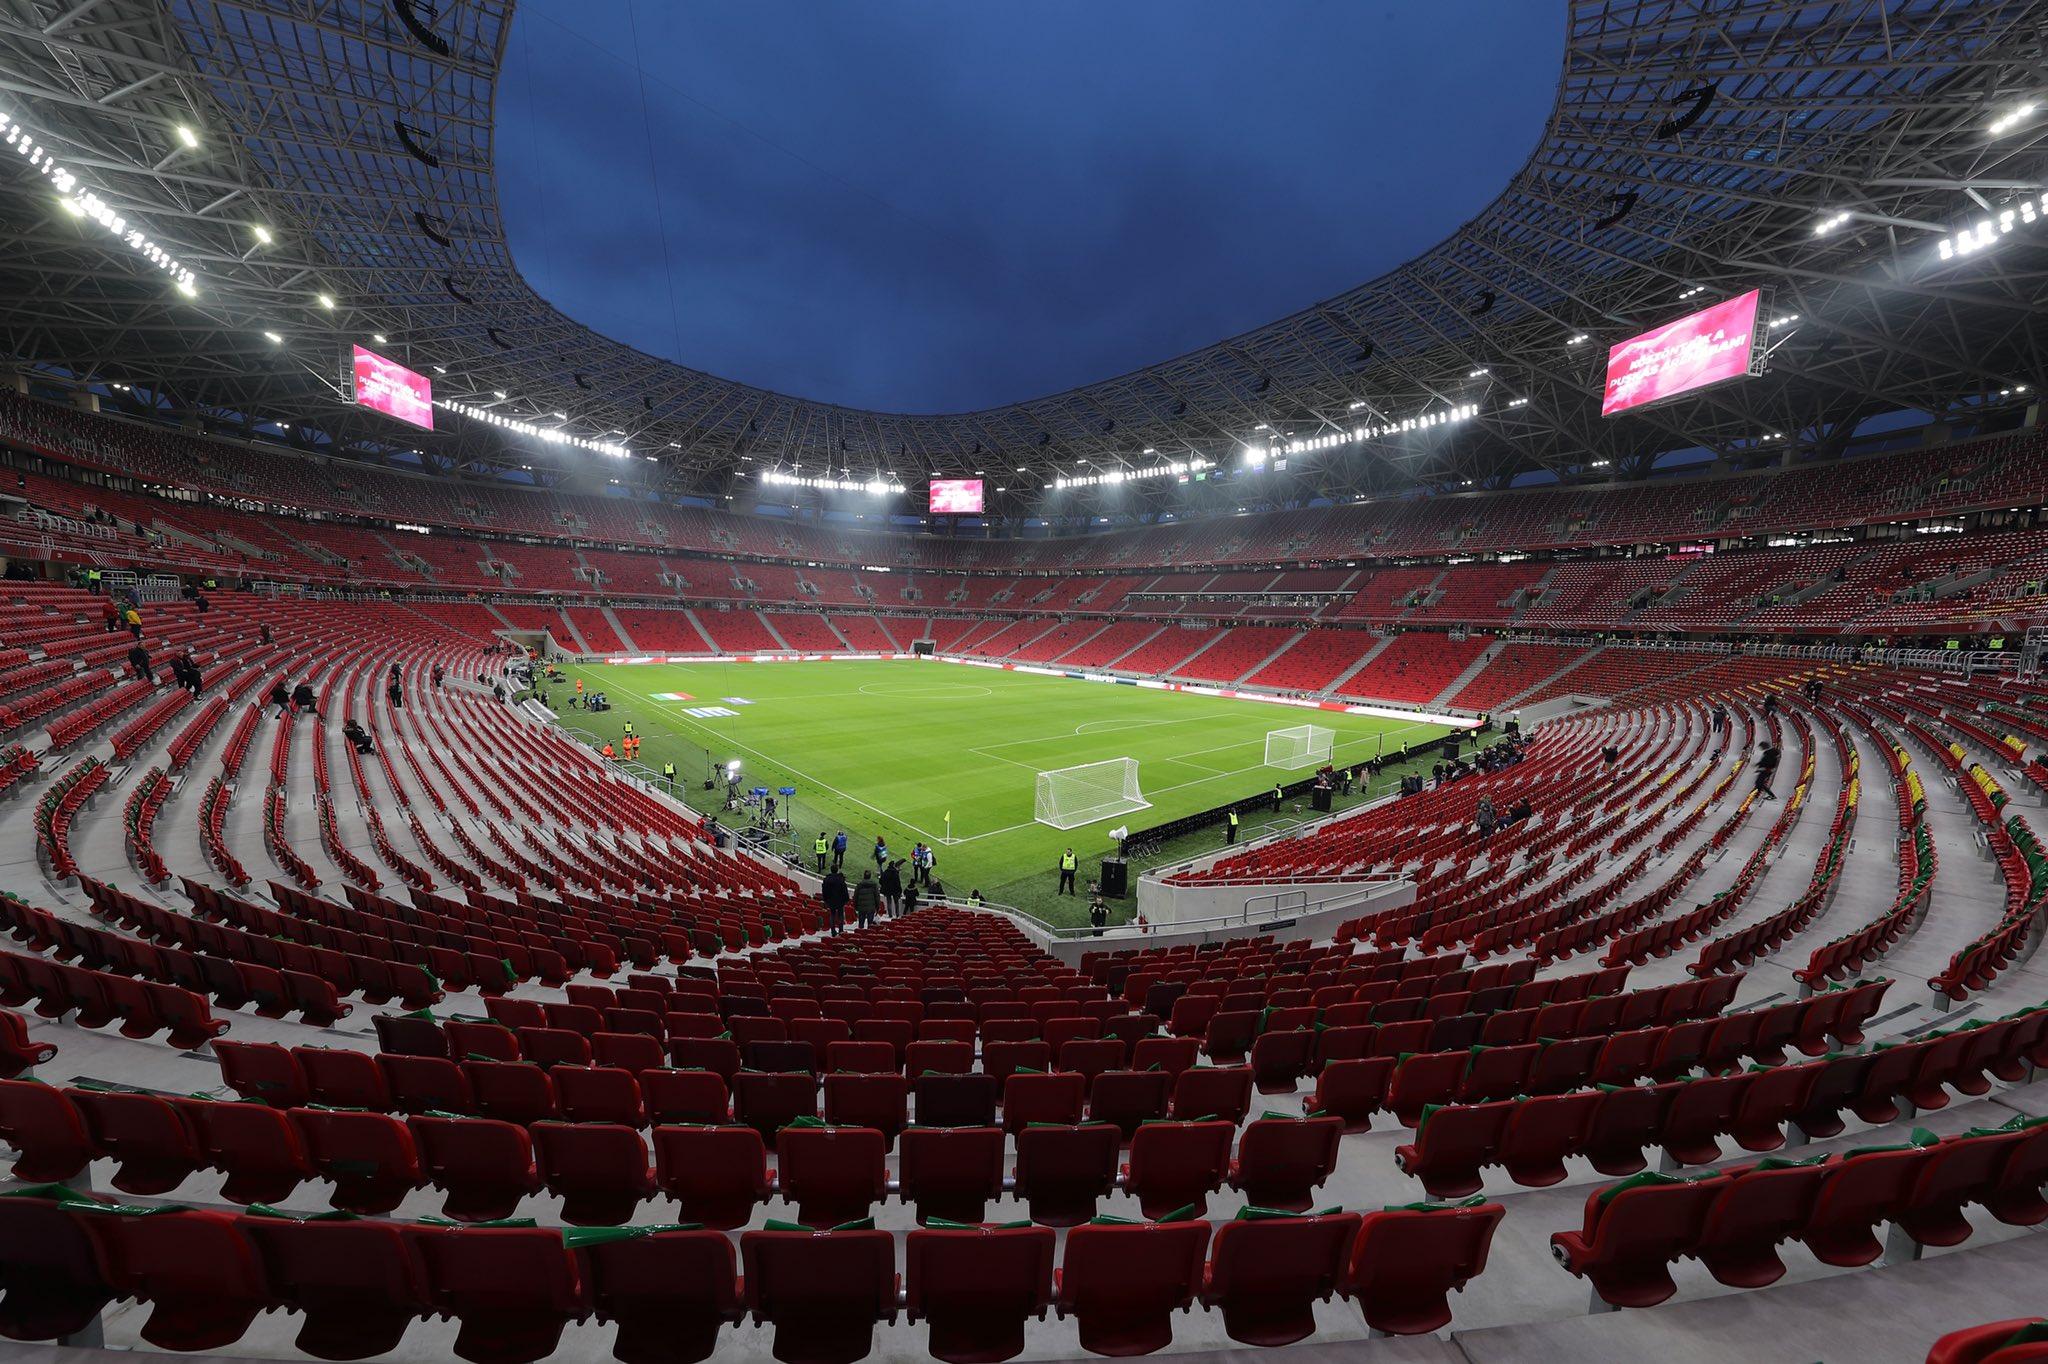 Եվրոպա լիգայի 2022 թվականի եզրափակիչը անցկացվելու է Բուդապեշտում